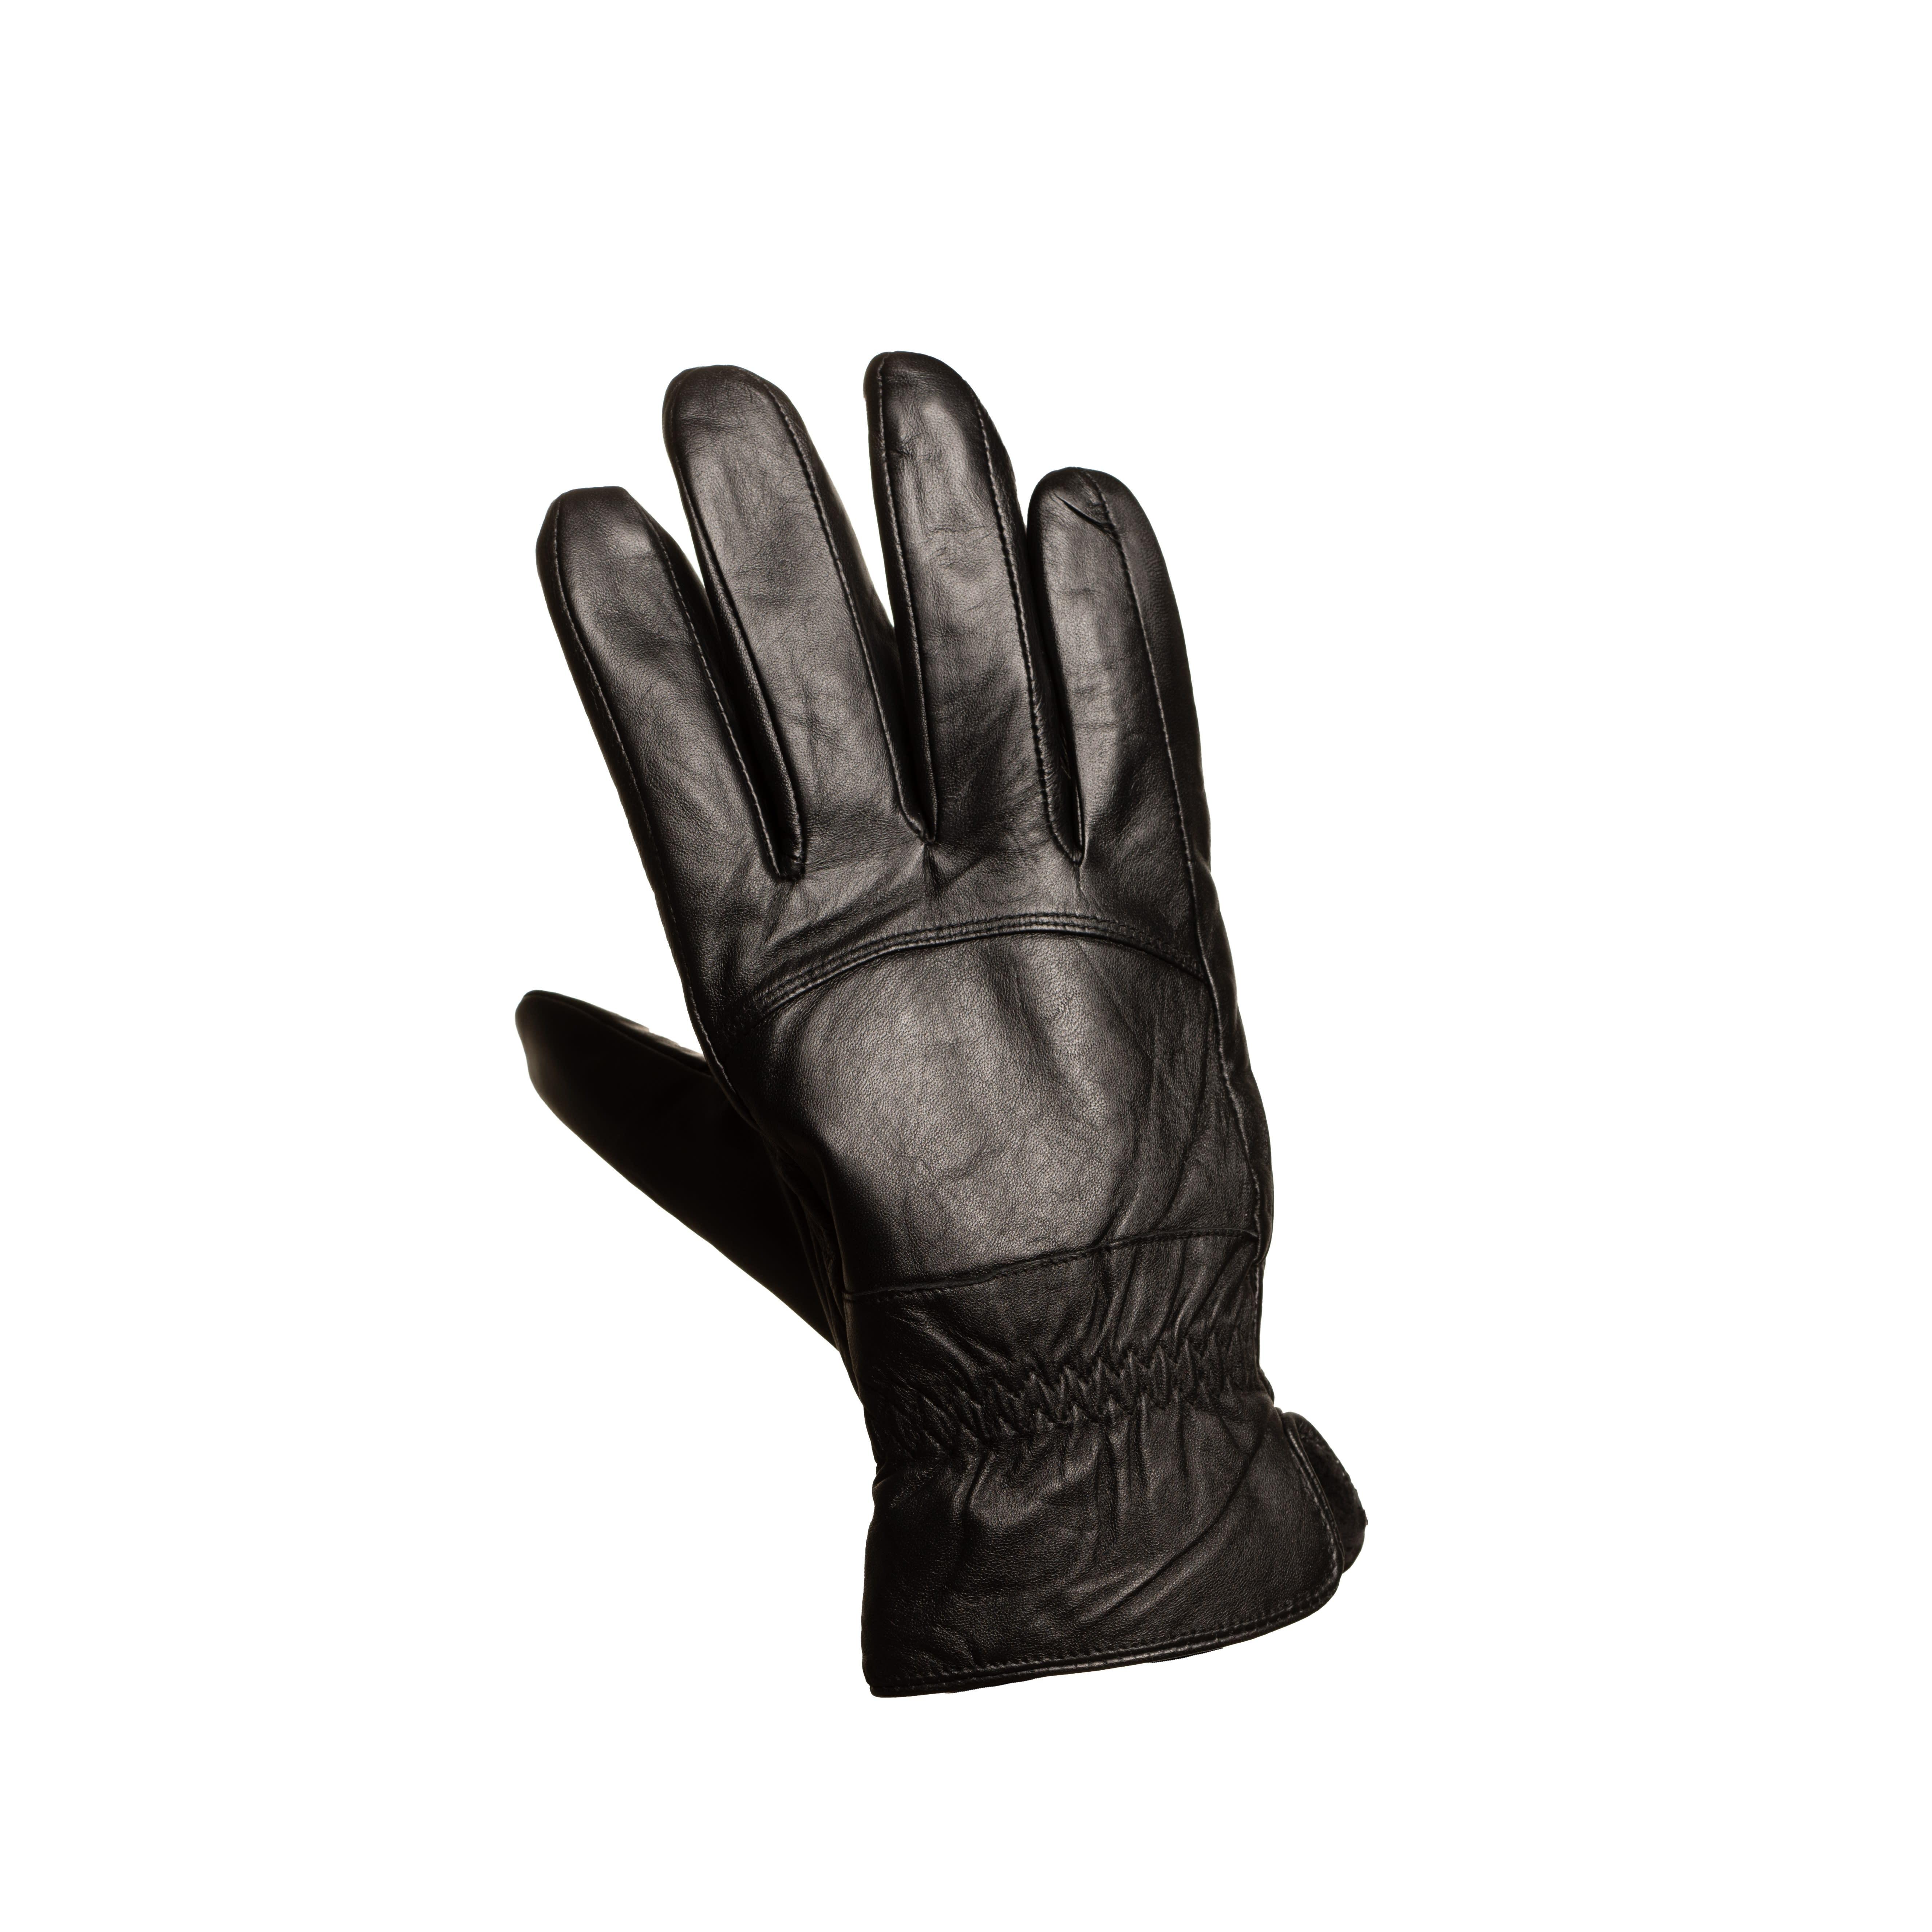 Kauf Kombi Gentleman Leather Glove Bei Outnorth